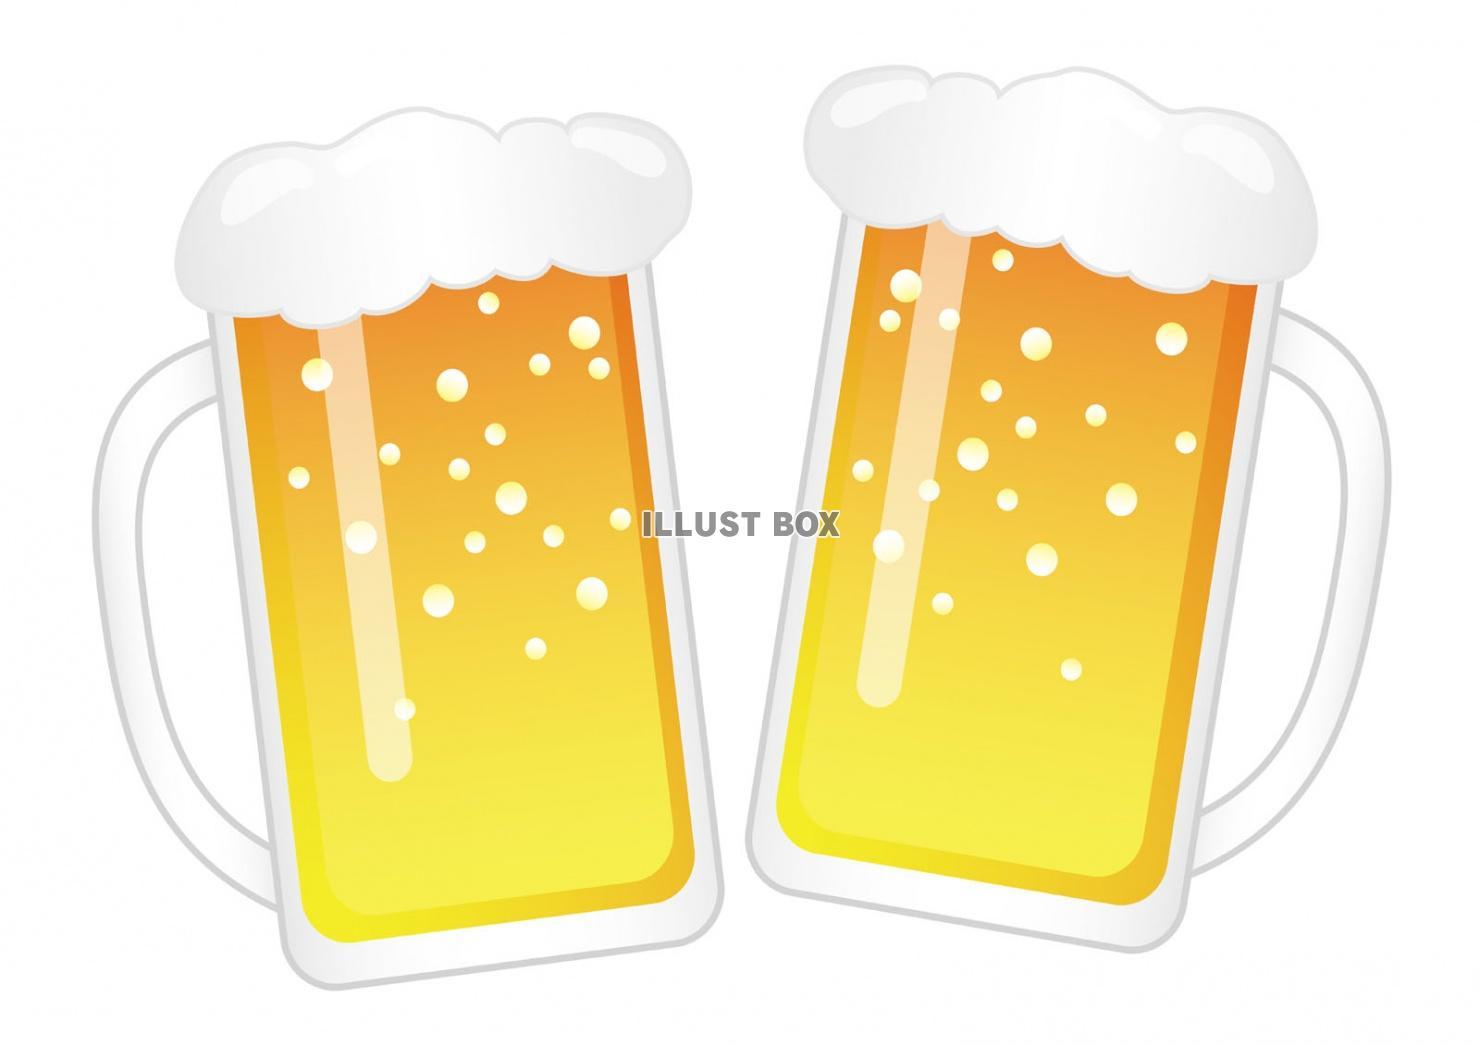 無料イラスト 乾杯 ビールジョッキのイラスト